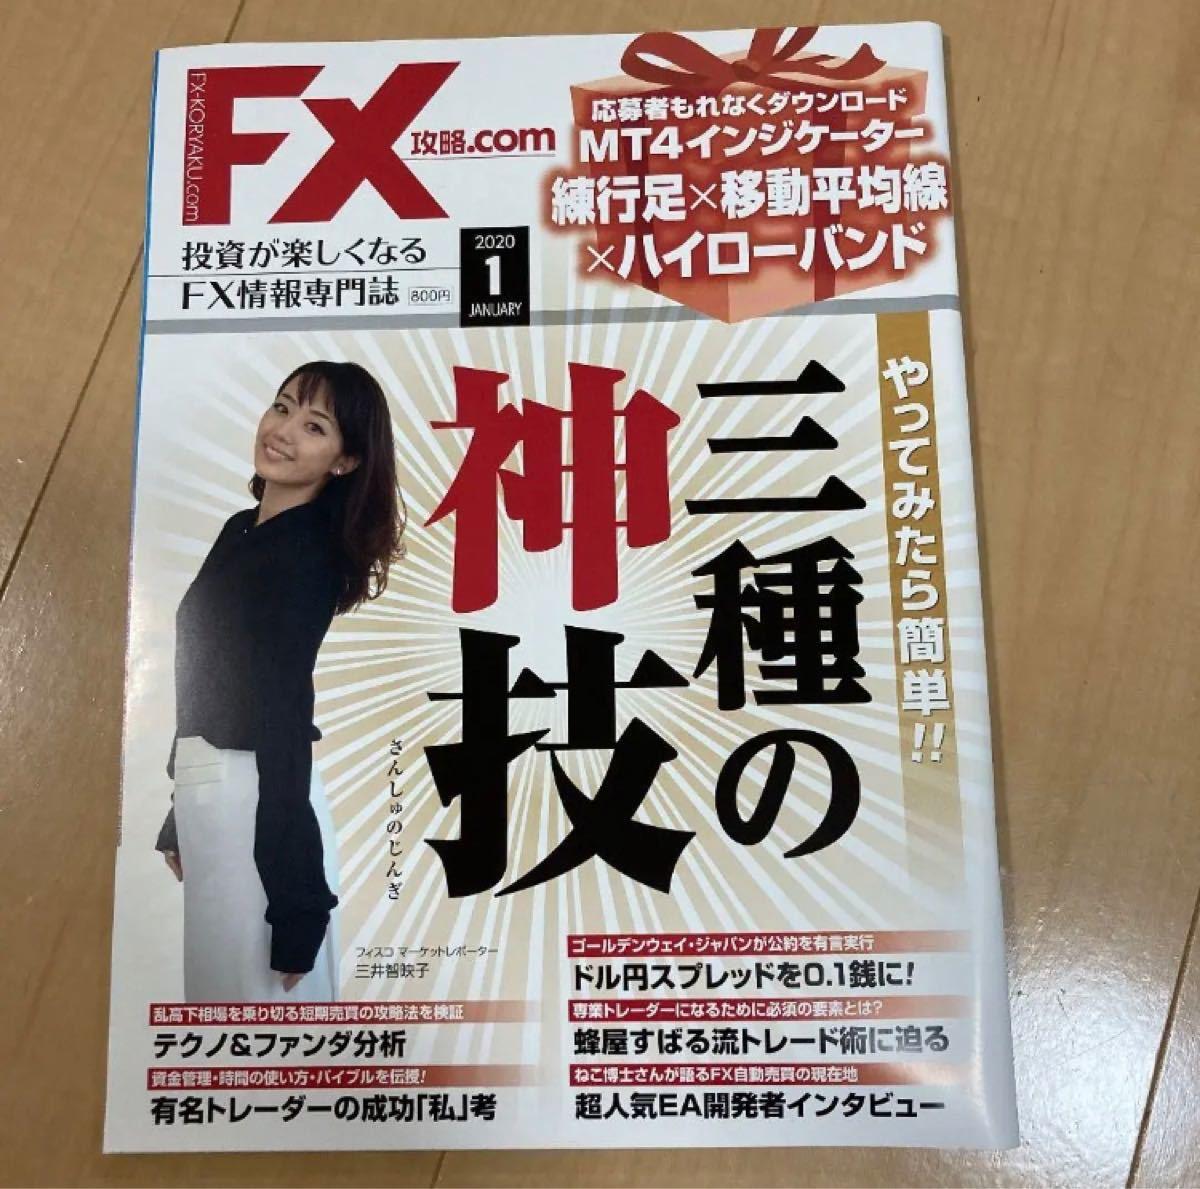 FX攻略.com 2020年1月号 投資が楽しくなるFX情報専門誌